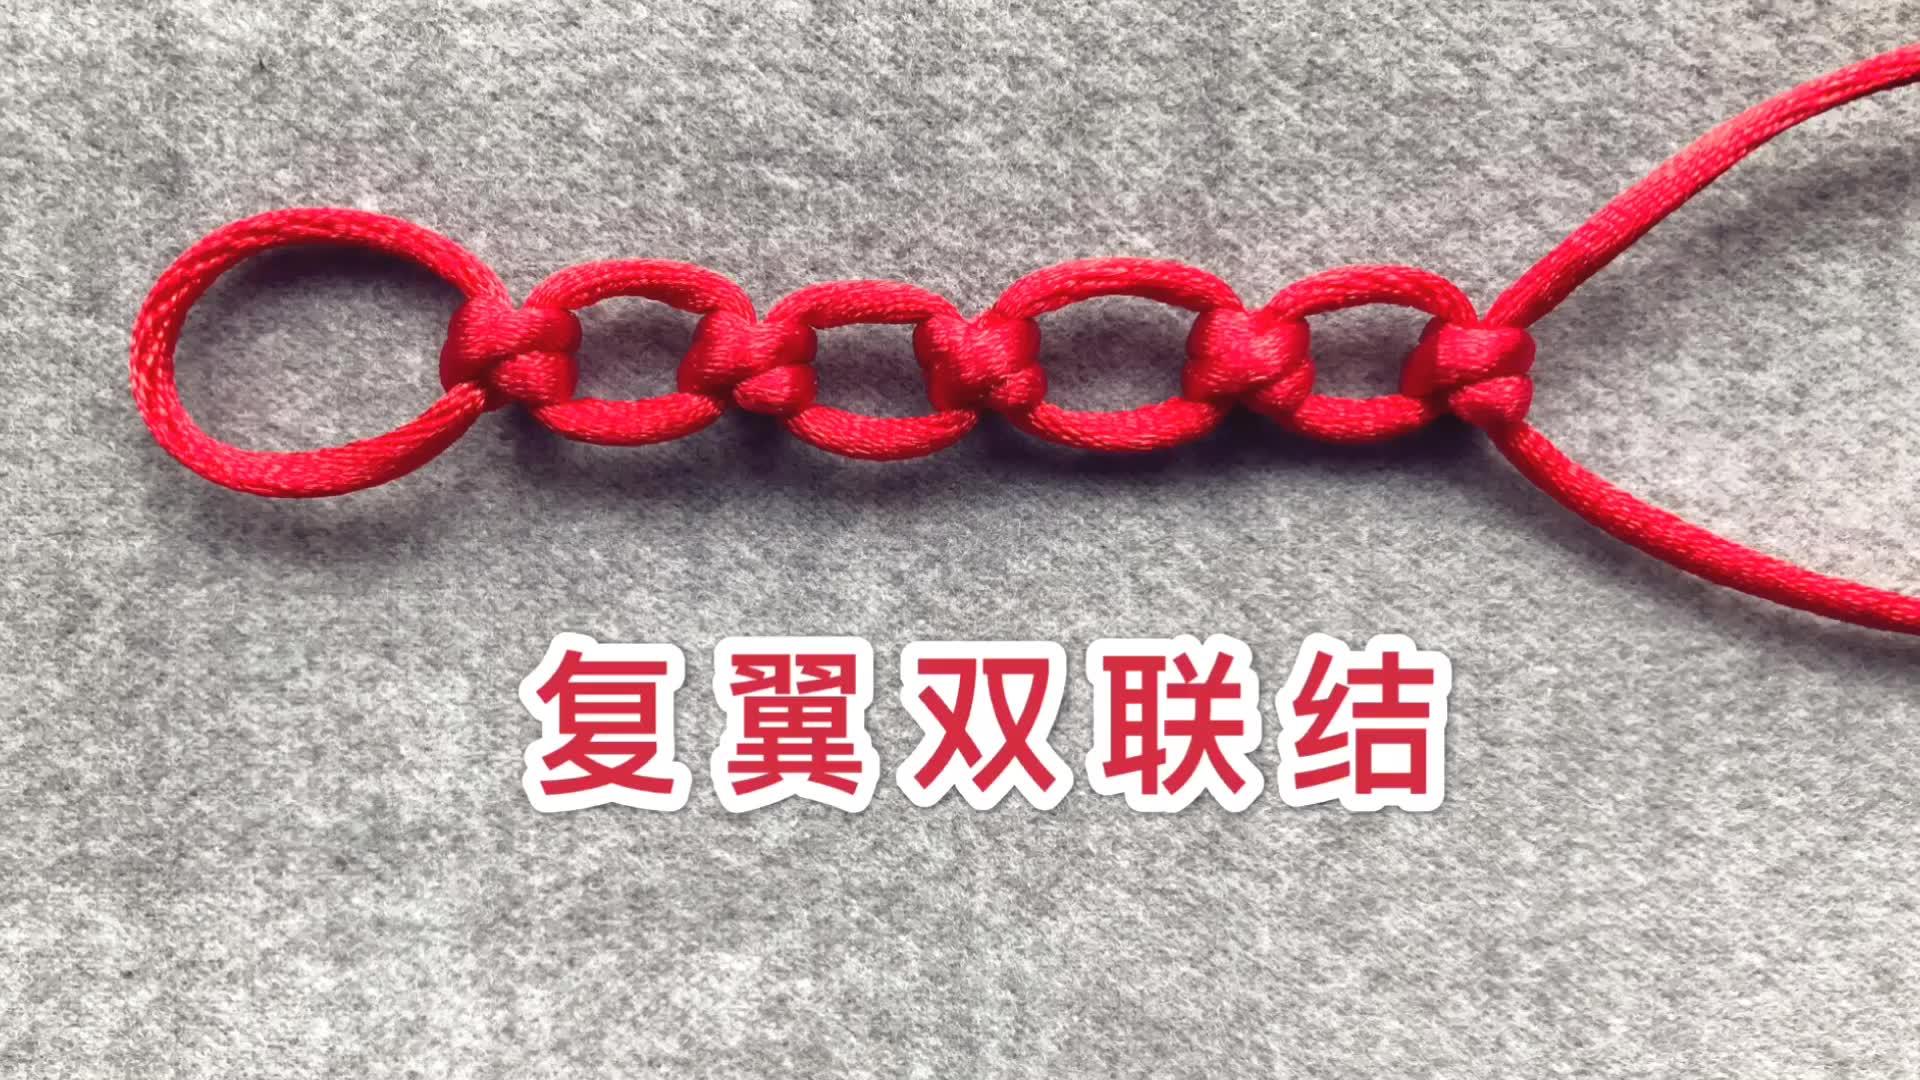 中国结论坛 复翼双联结视频教程,中国结双联结做法 教程,二根绳子各种编法图解,一根绳子编法大全简单,二十四种手链编法,双连接如何编 视频教程区 112305sizxmjxh6m366iug